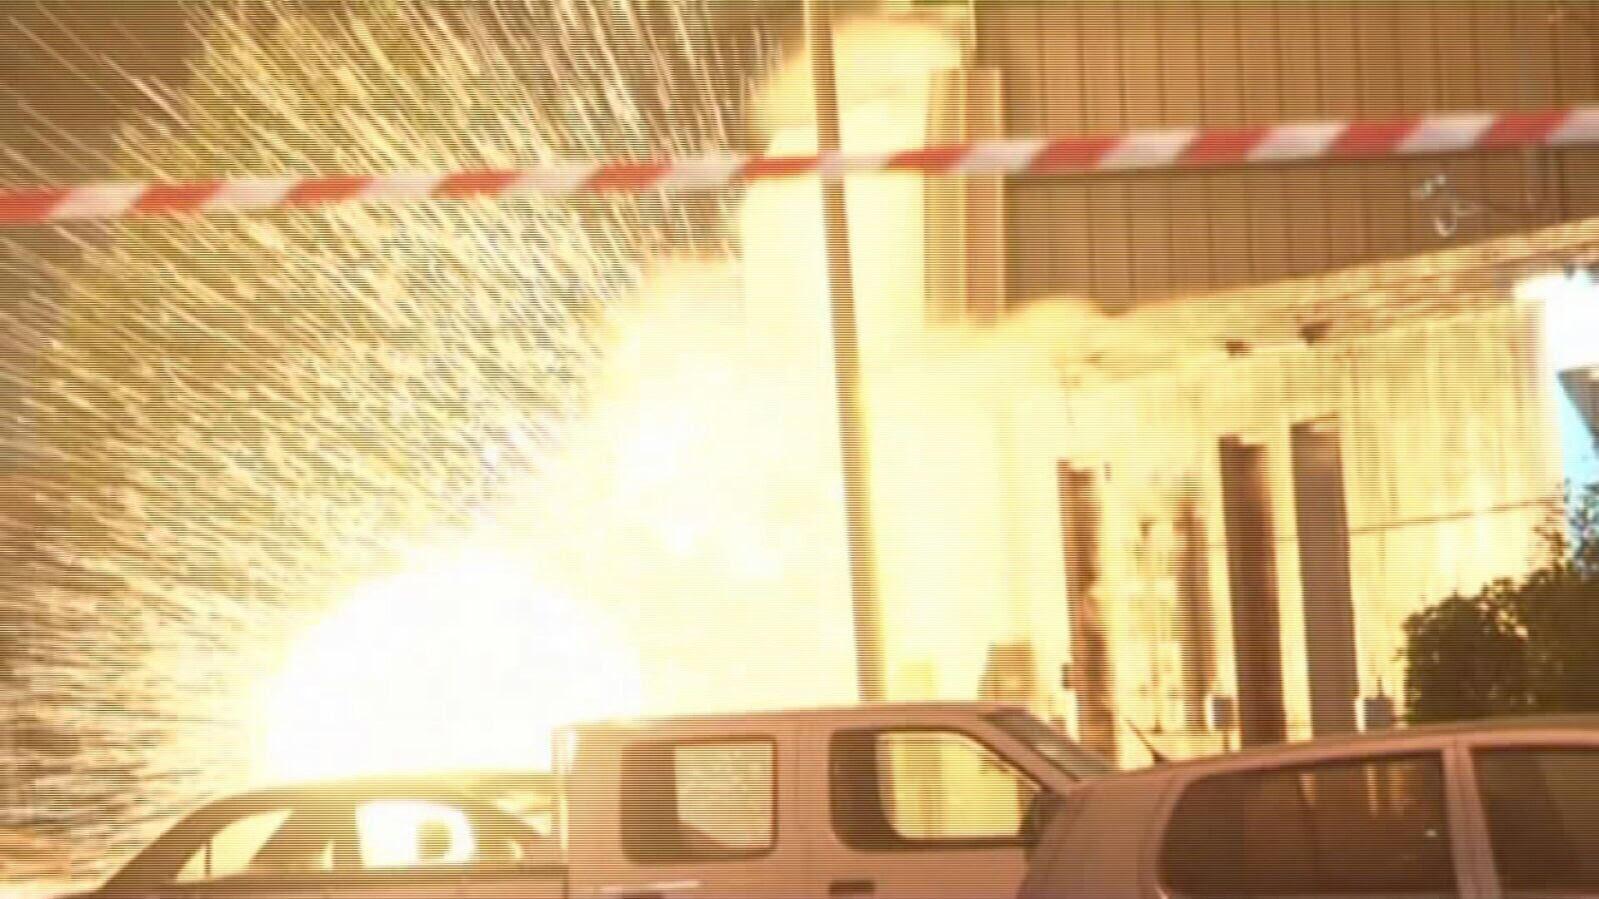 لماذا وقع انفجار أمام باب دواعش فيحاء #الرياض ؟ - المواطن